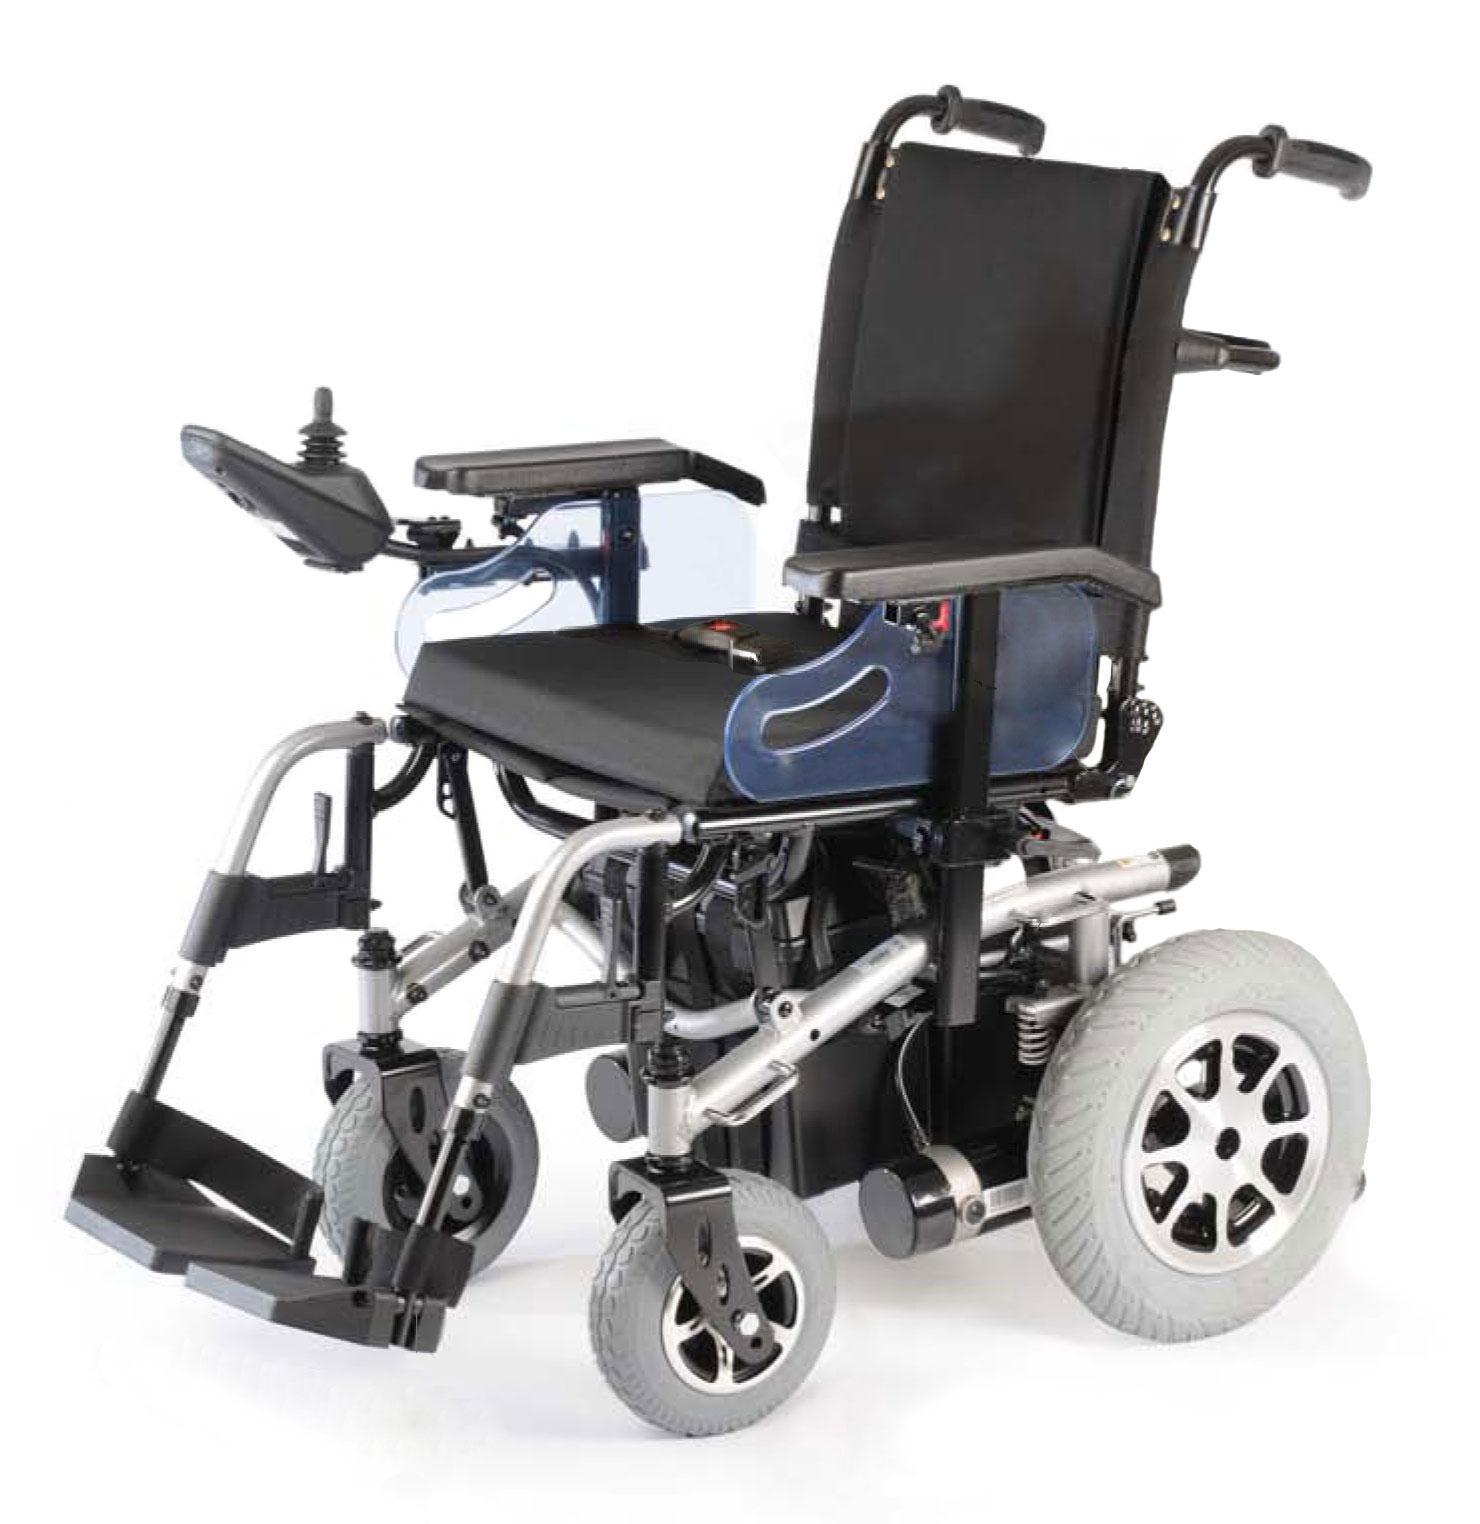 Silla de ruedas el ctrica r220 orto soluciones - Precios sillas de ruedas electricas ...